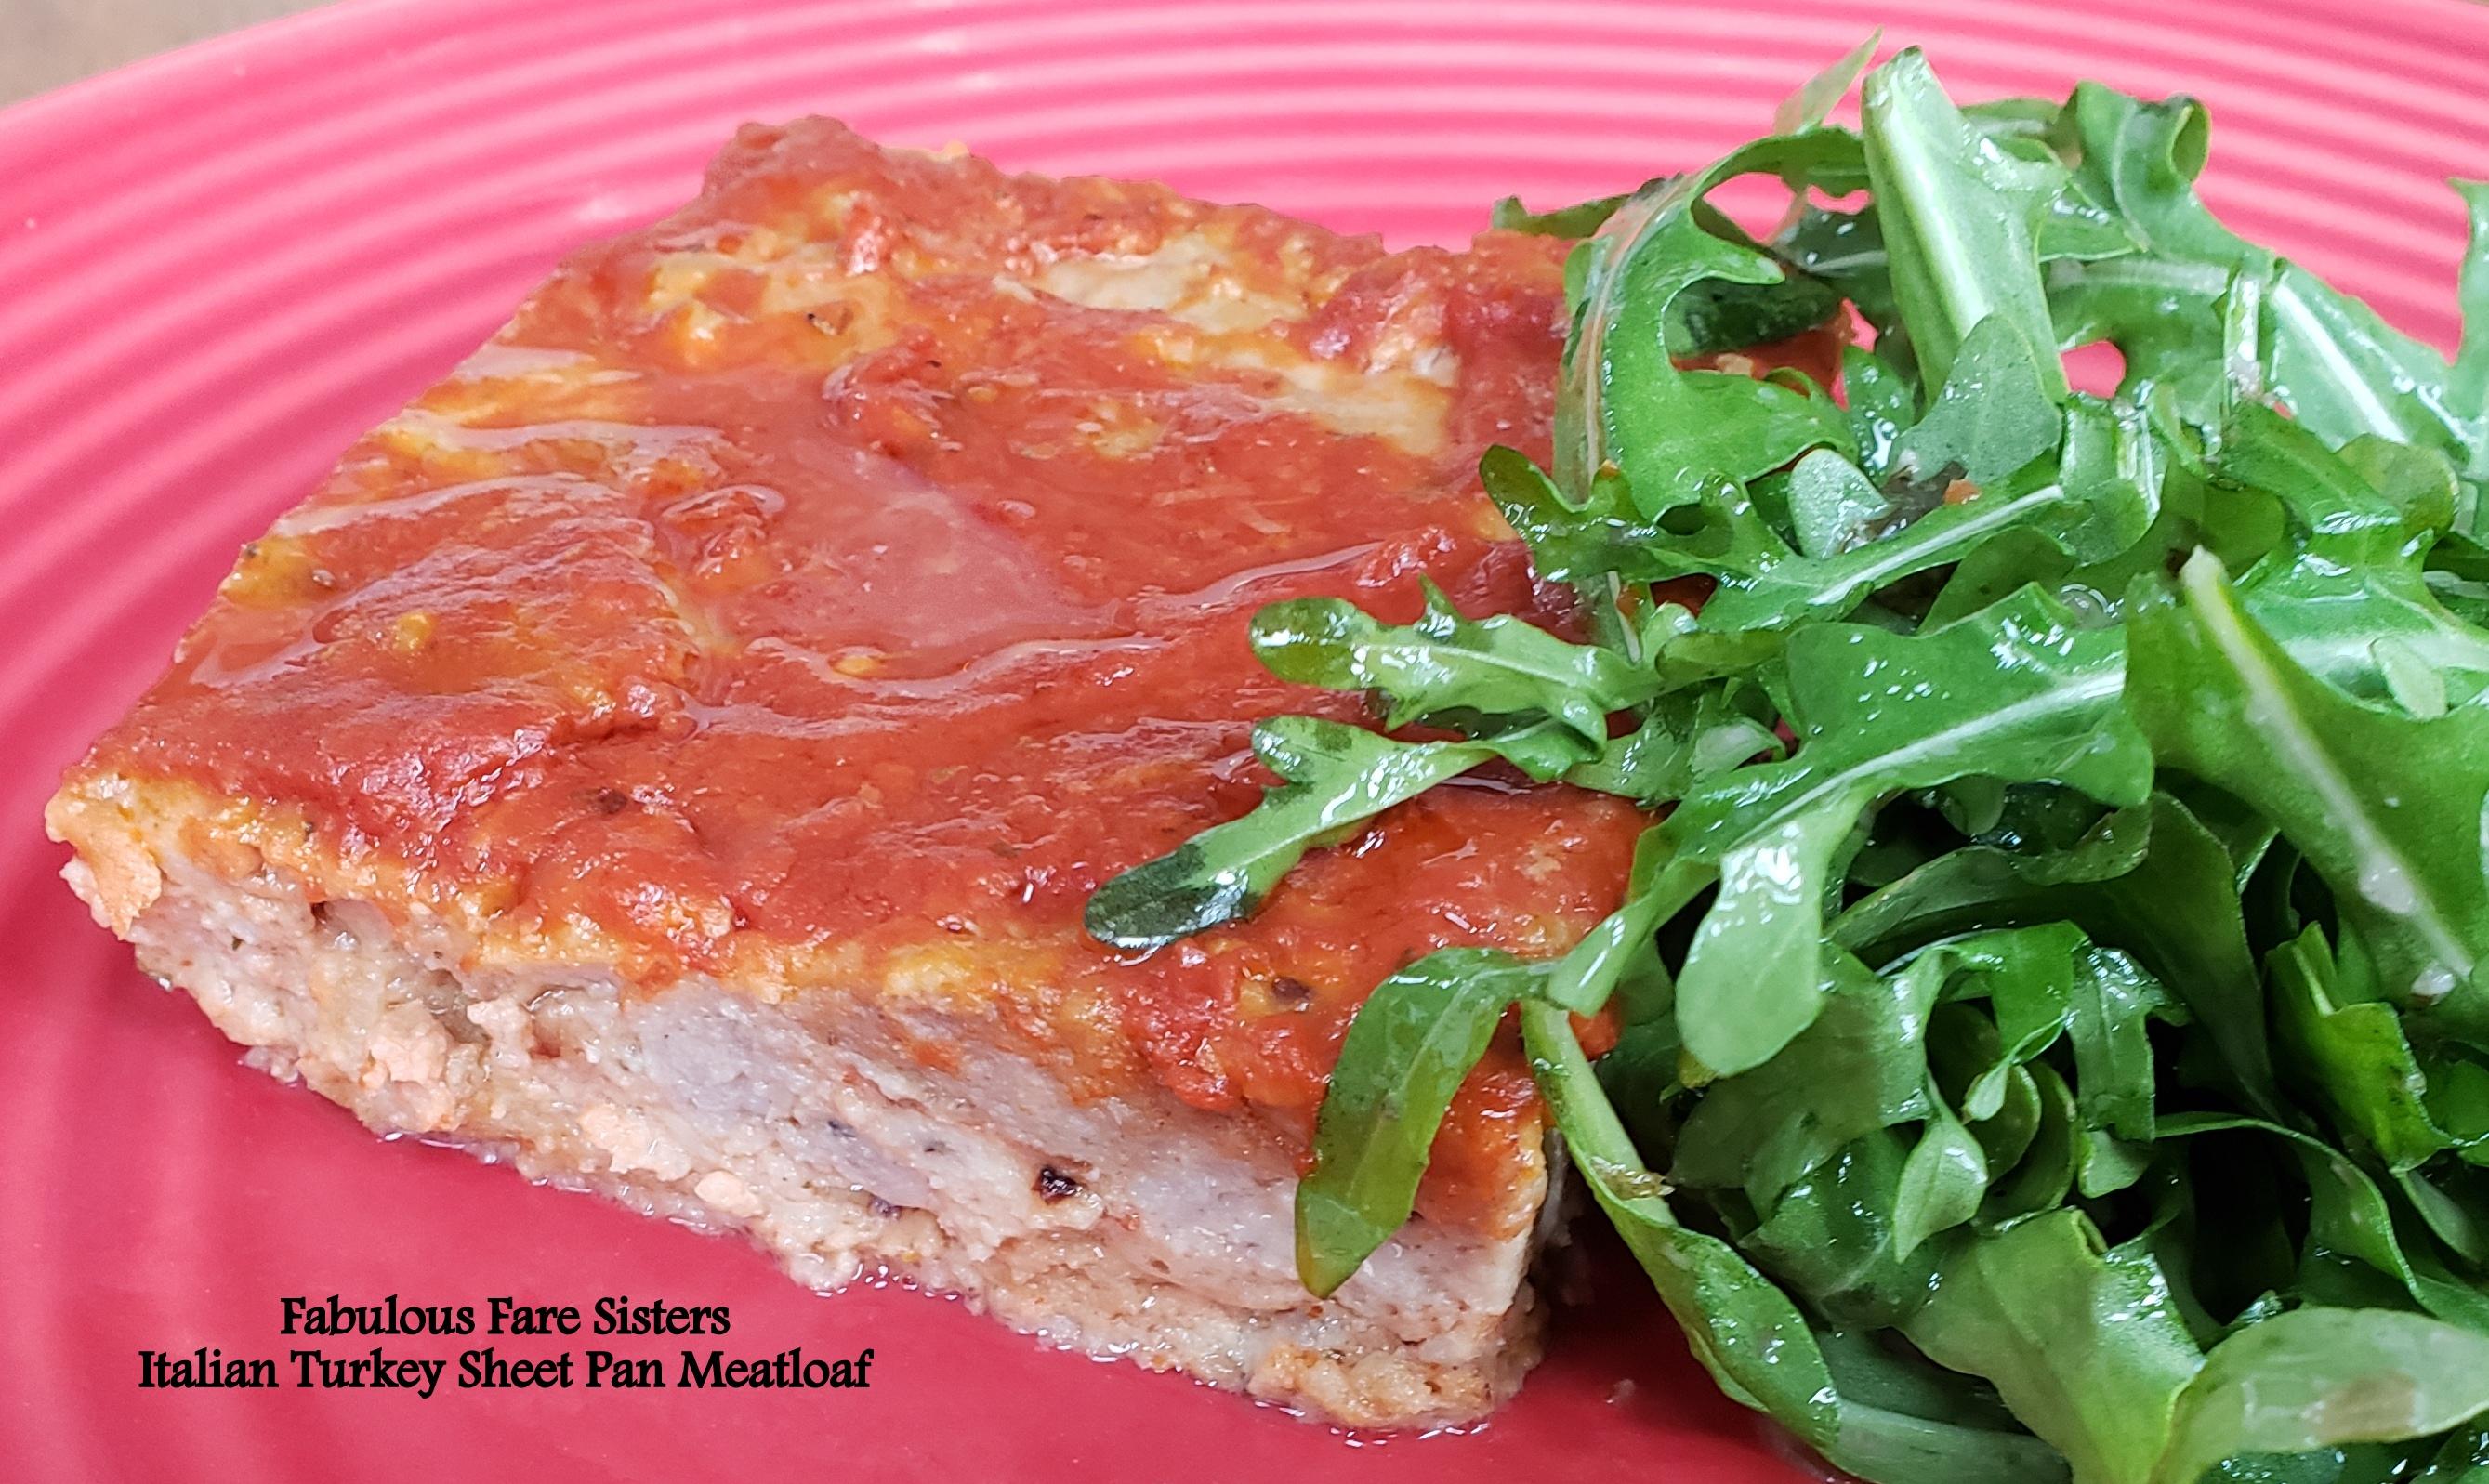 Italian Turkey Sheet Pan Meatloaf